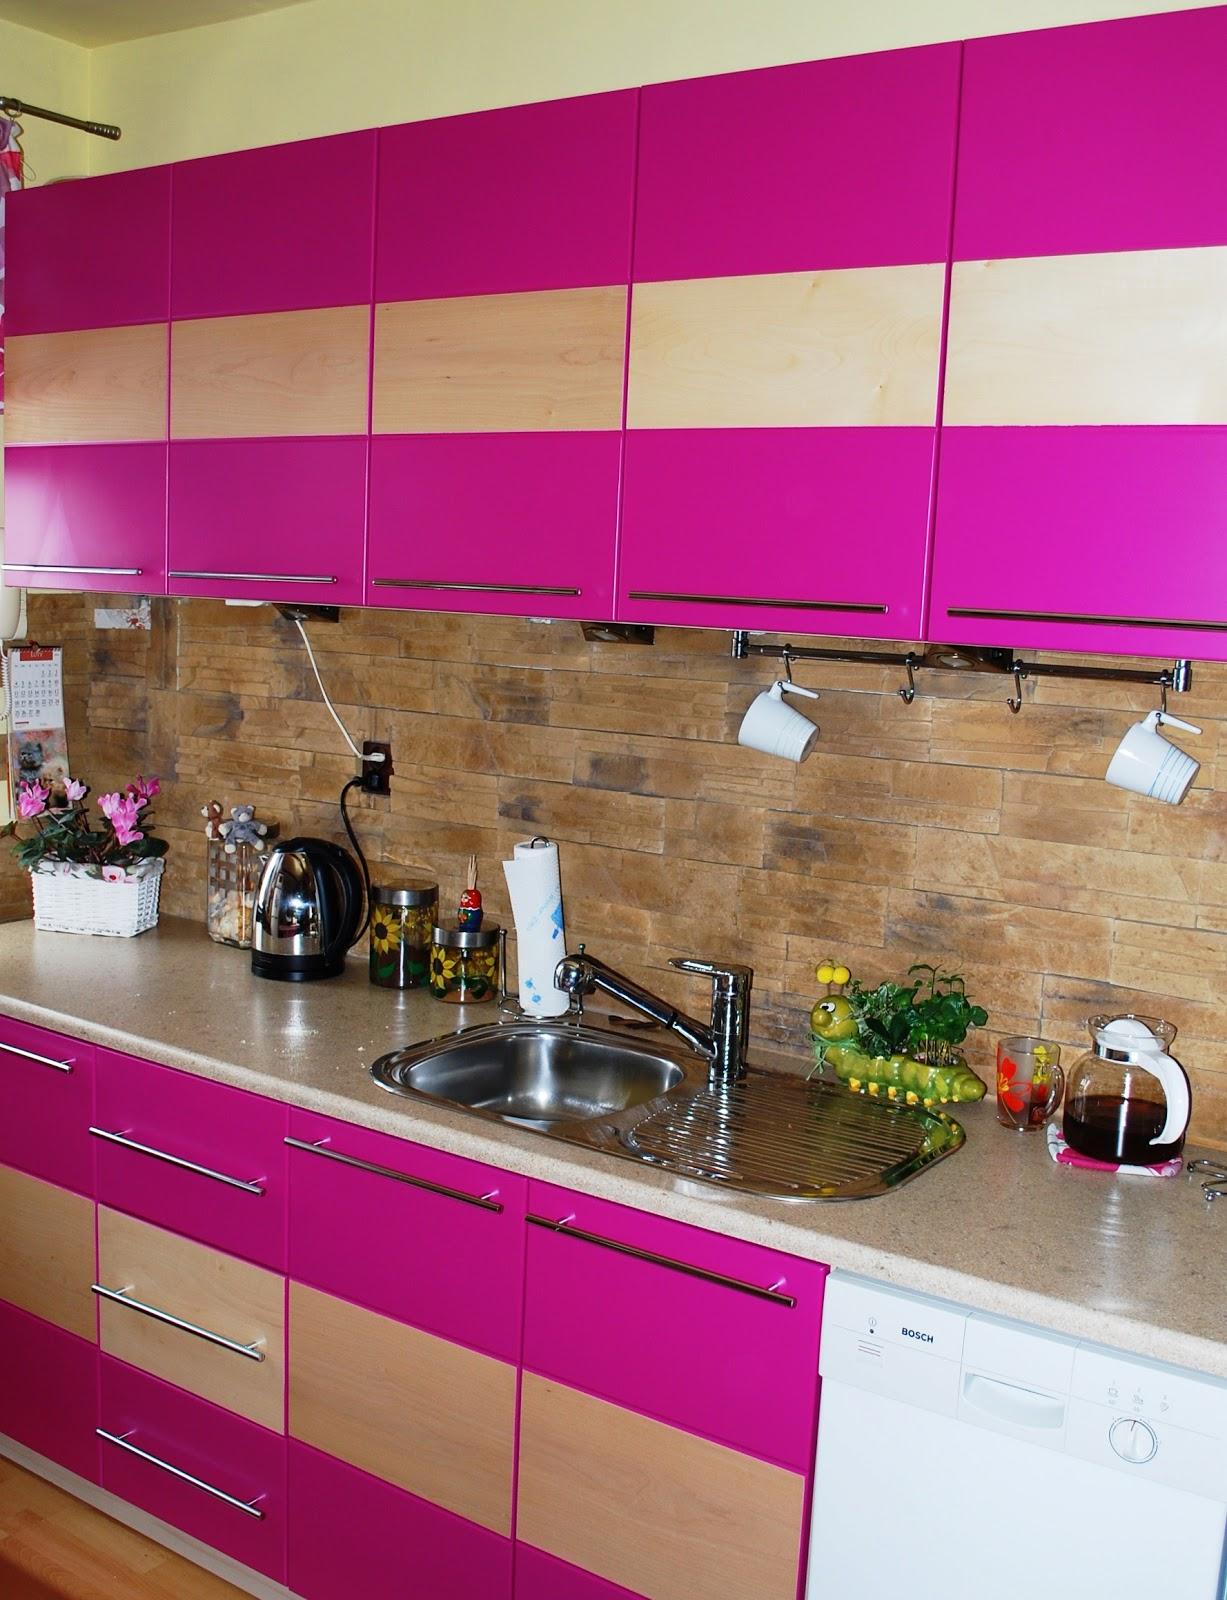 Świat drewna Kuchenny róż  kuchnia pod zabudowę -> Kuchnia Gazowo Elektryczna Pod Zabudowe